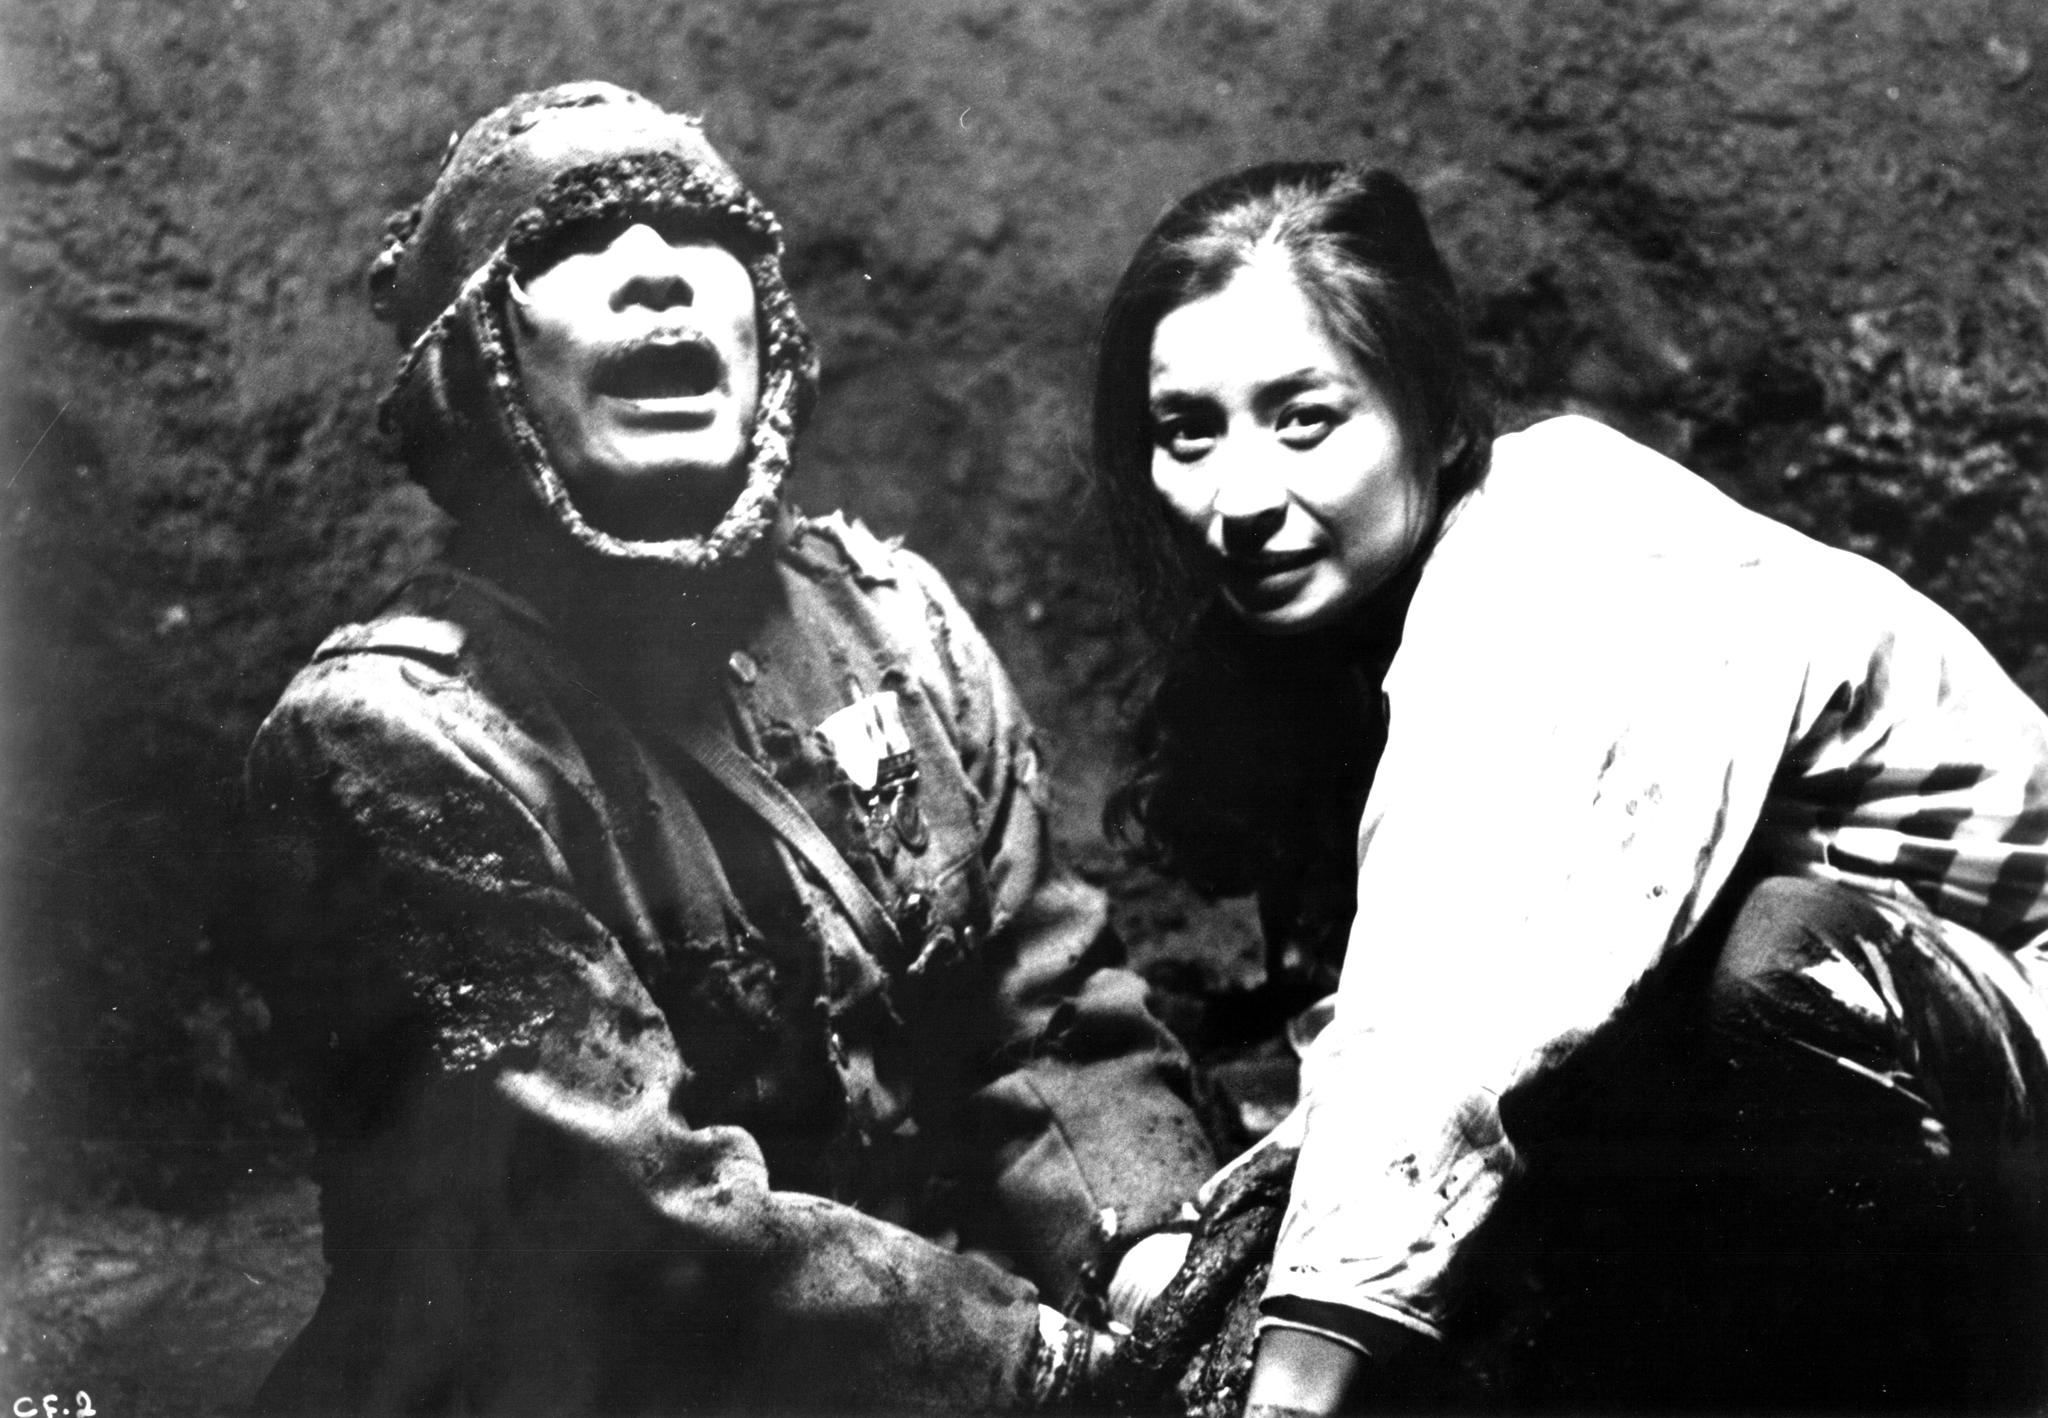 The Crazy Family - Gyakufunsha kazoku (1984)